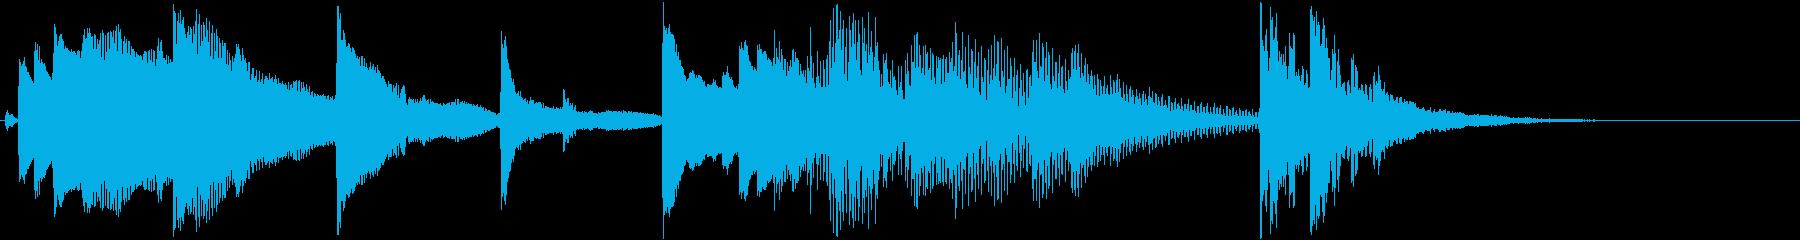 琴のワンフレーズ(和風)の再生済みの波形